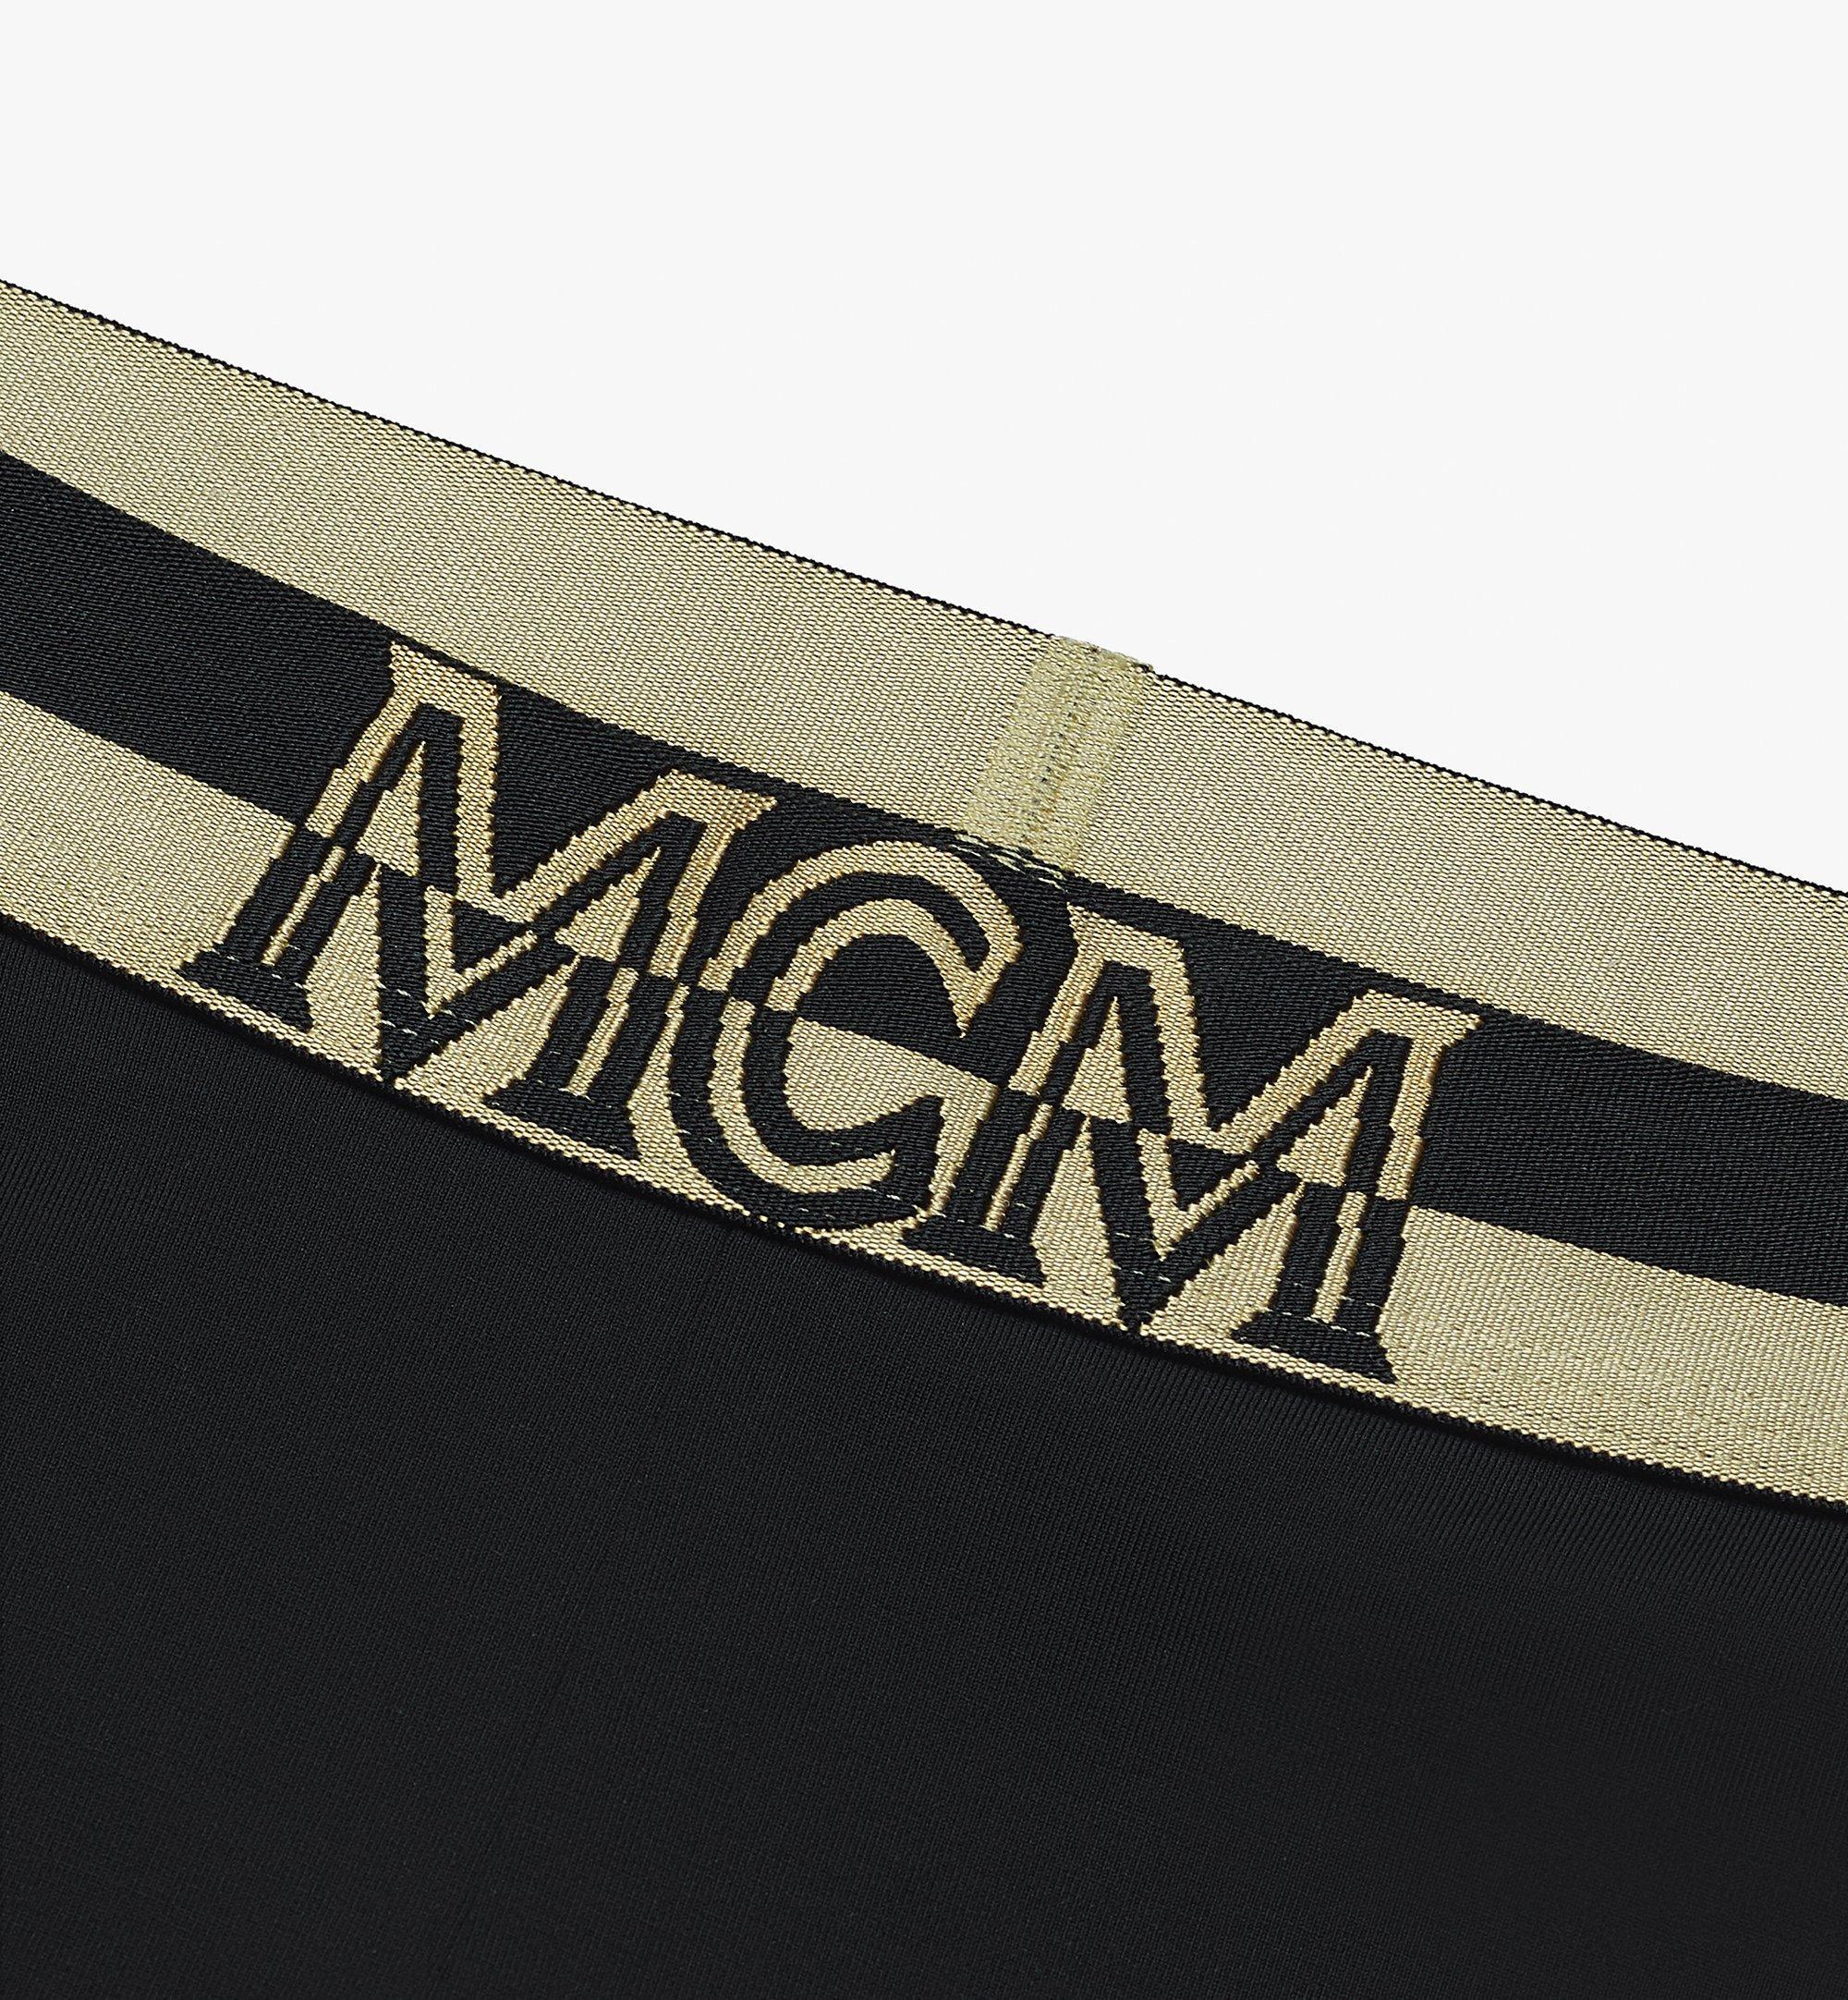 MCM LEGGINGS-MFPASBM01  5206 Alternate View 3